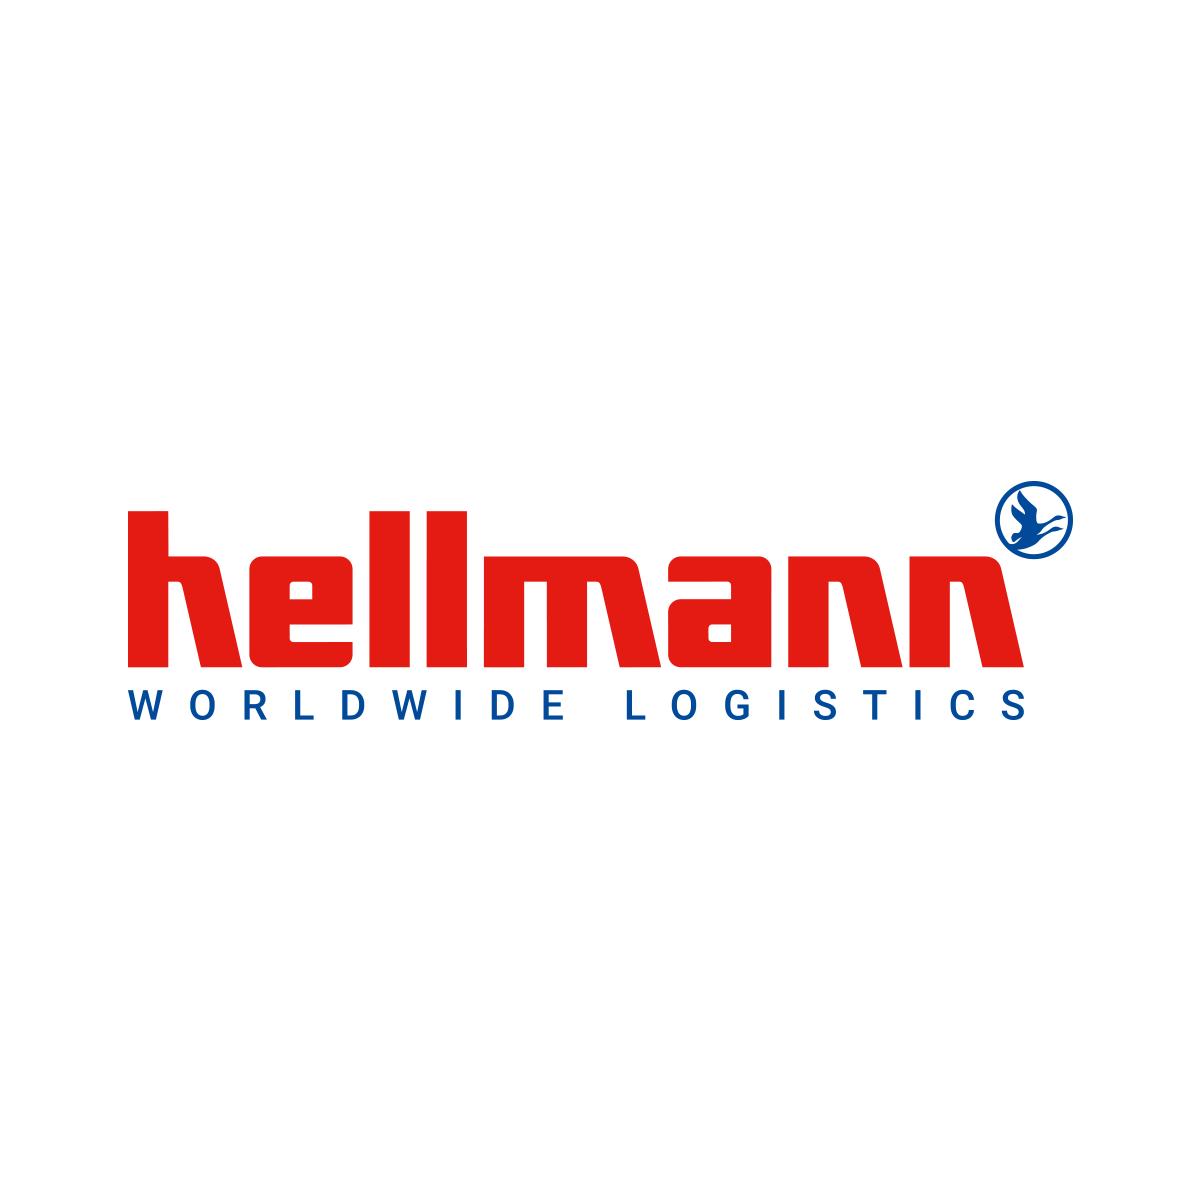 Hellmann Worldwide Logistics